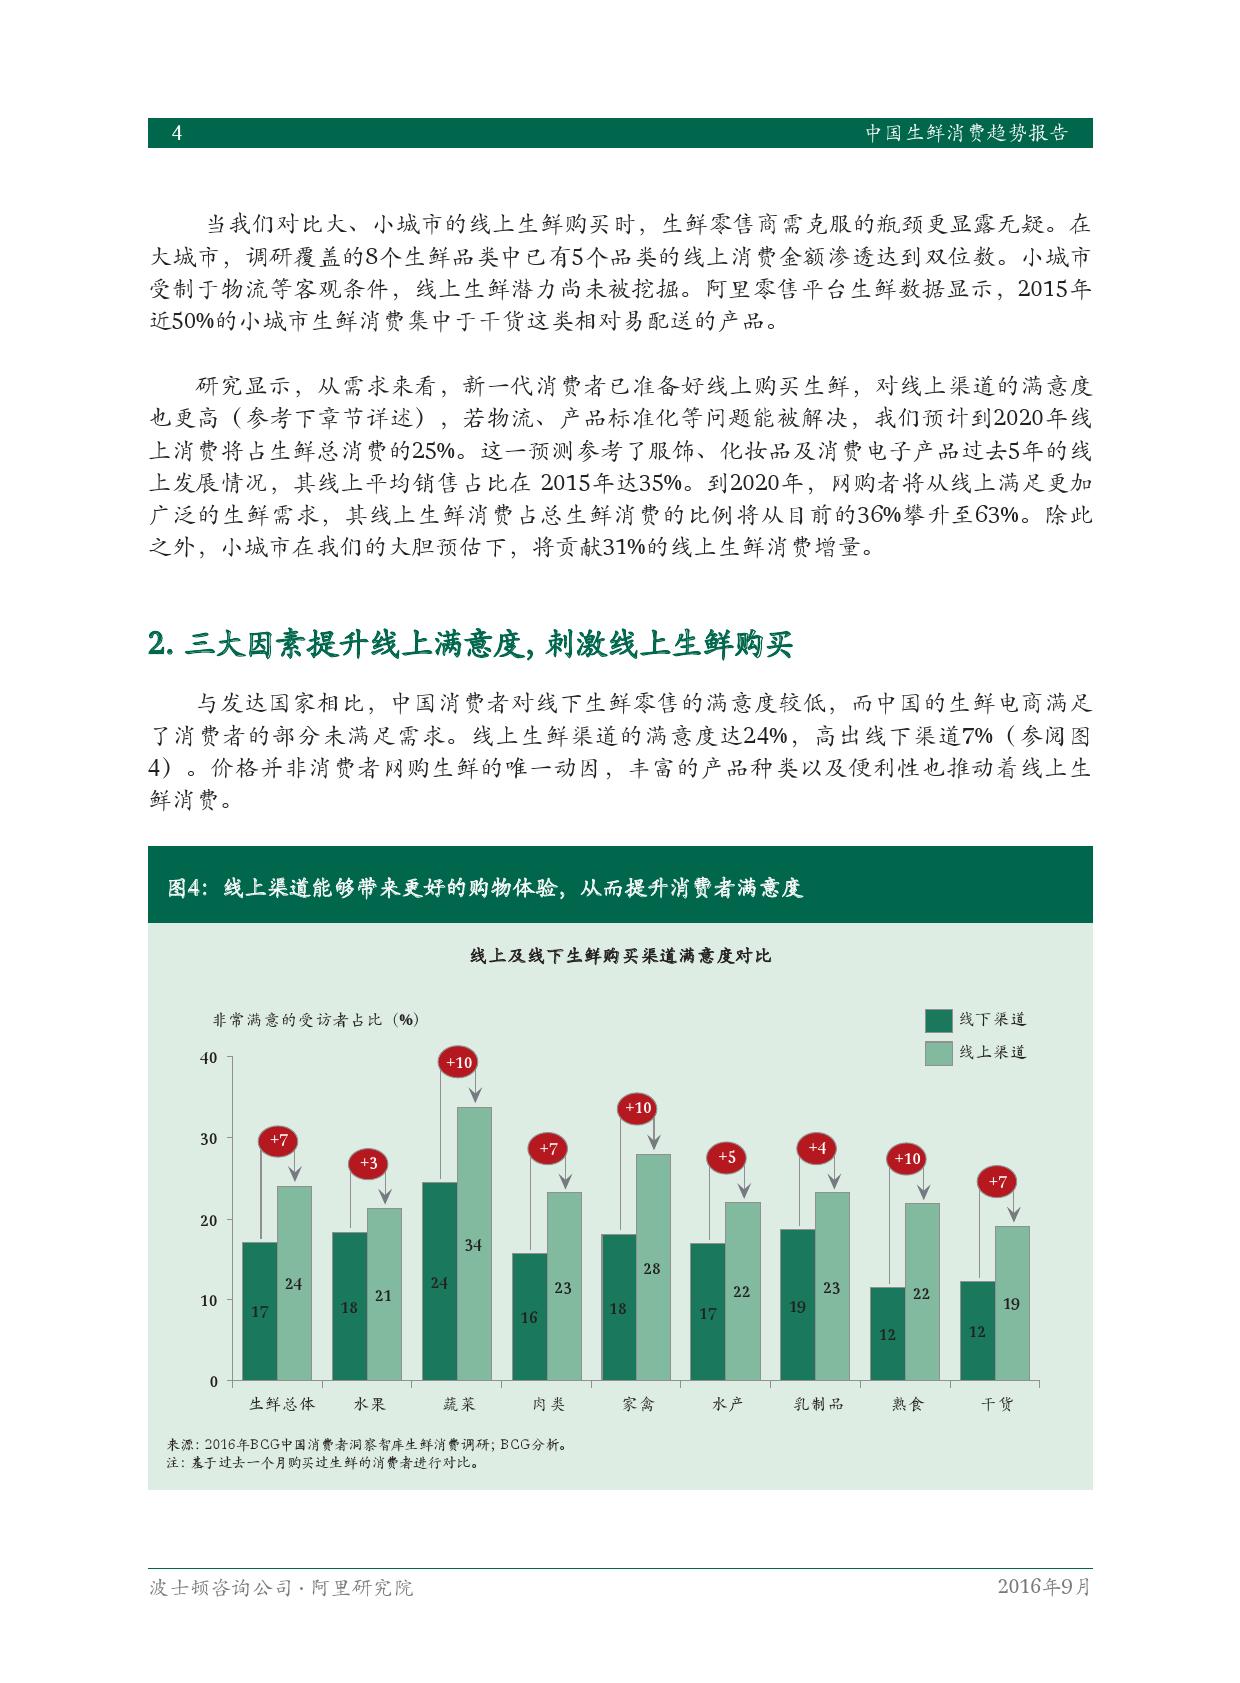 2016年中国生鲜消费趋势报告_000006